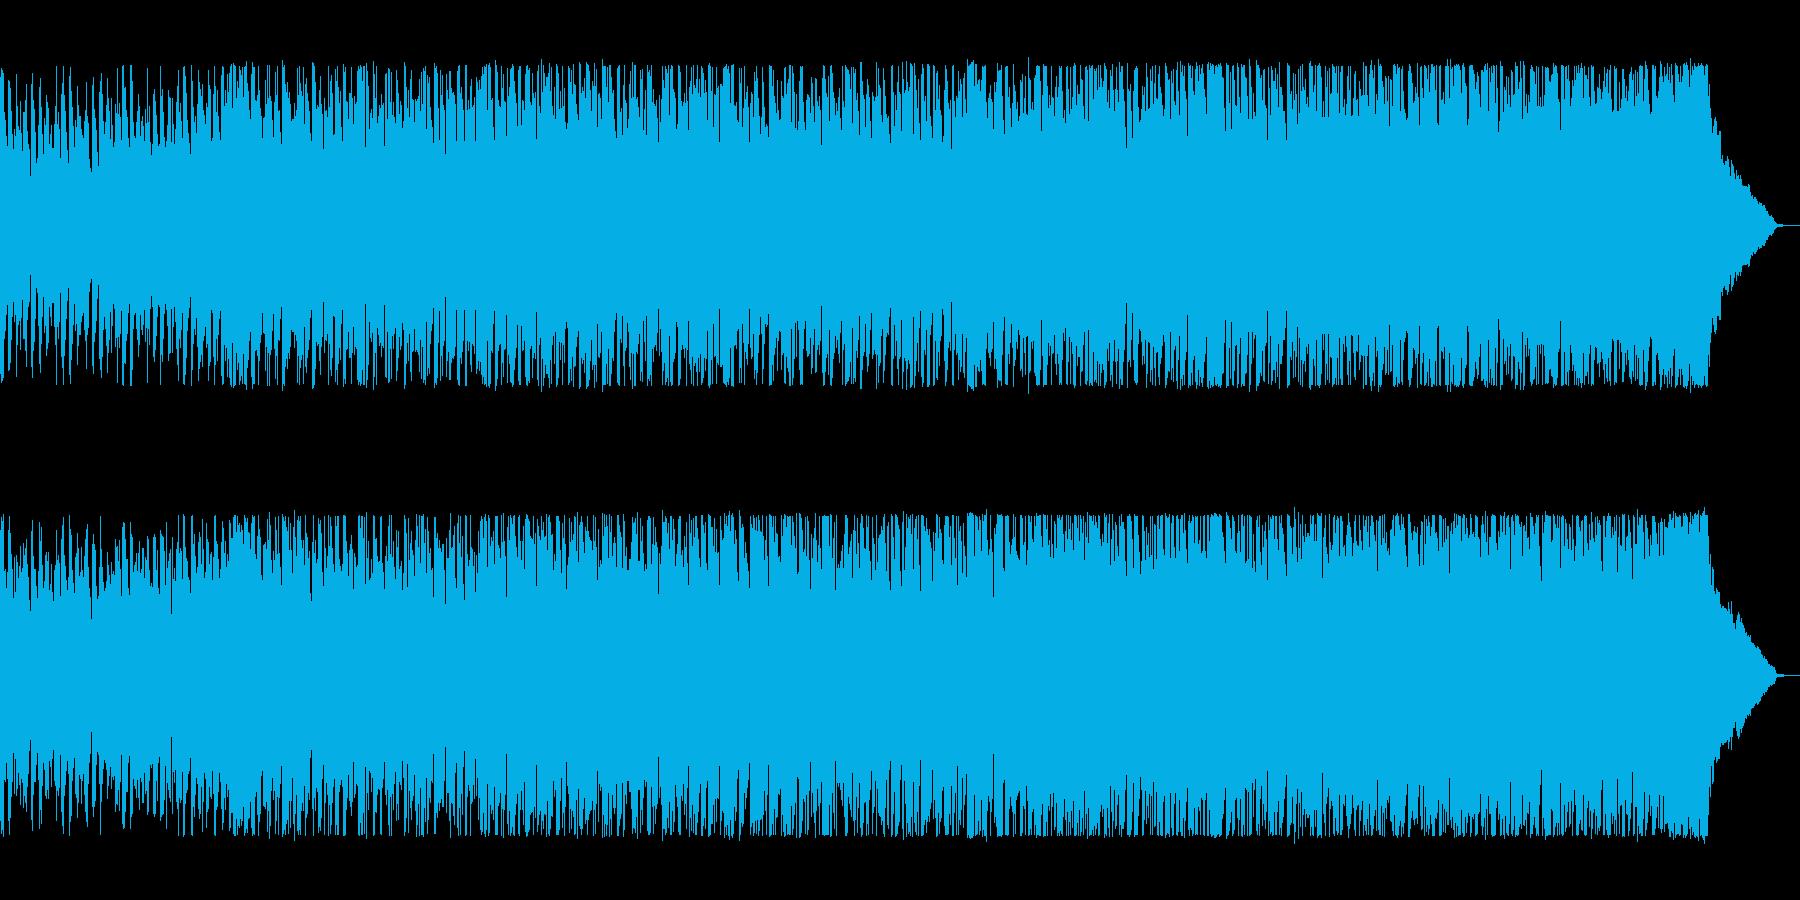 シンセサイザーが効いた明るいポップスの再生済みの波形